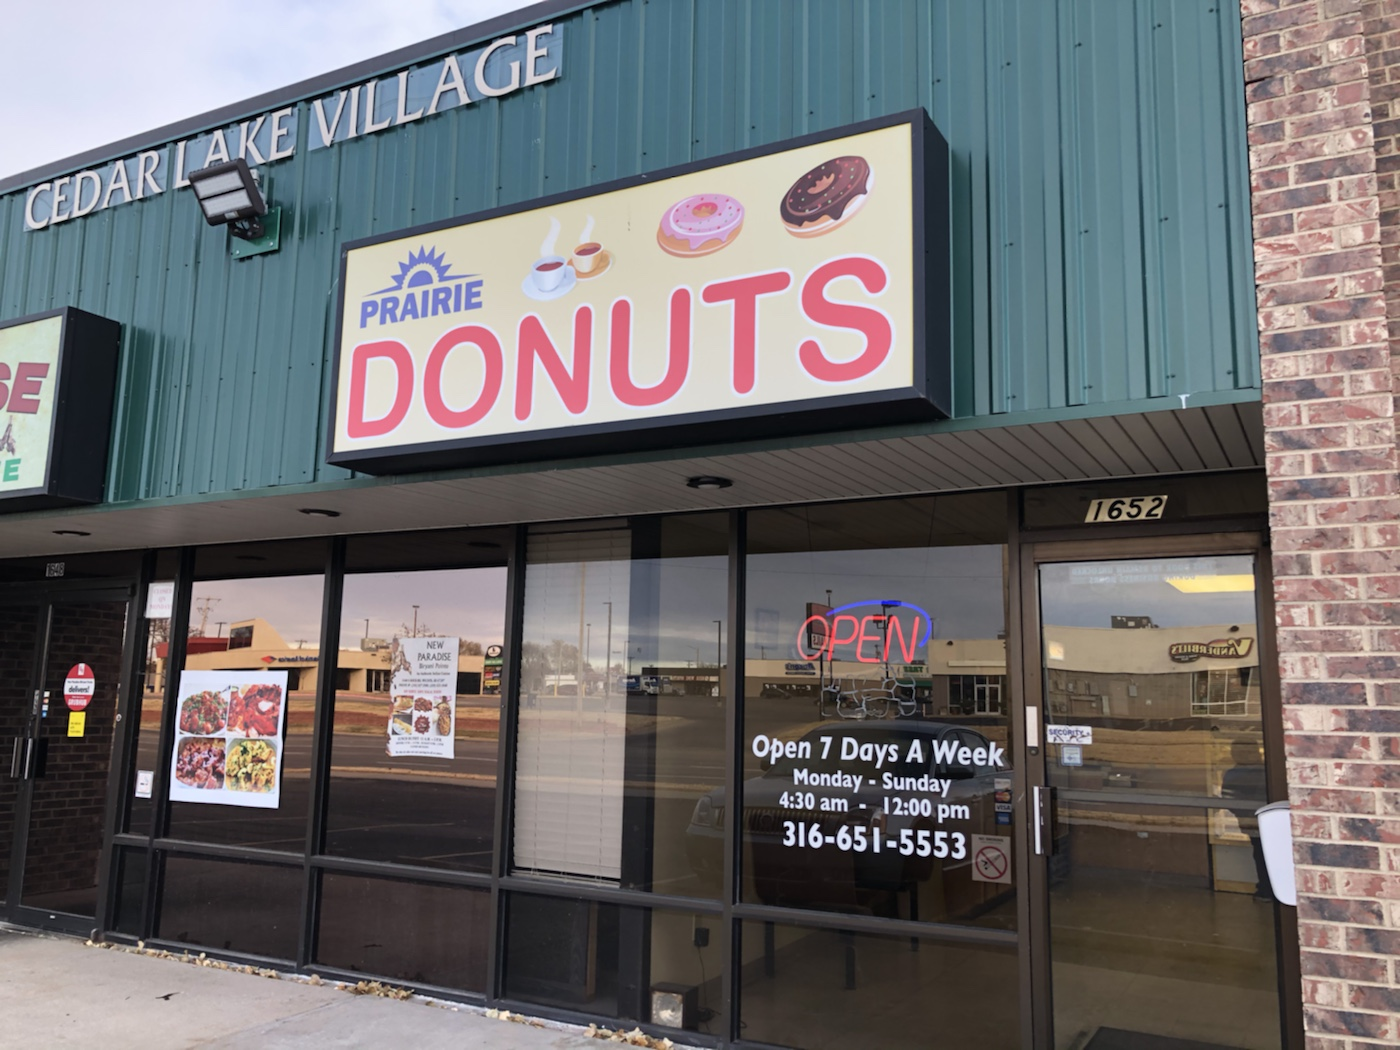 Prairie Donuts